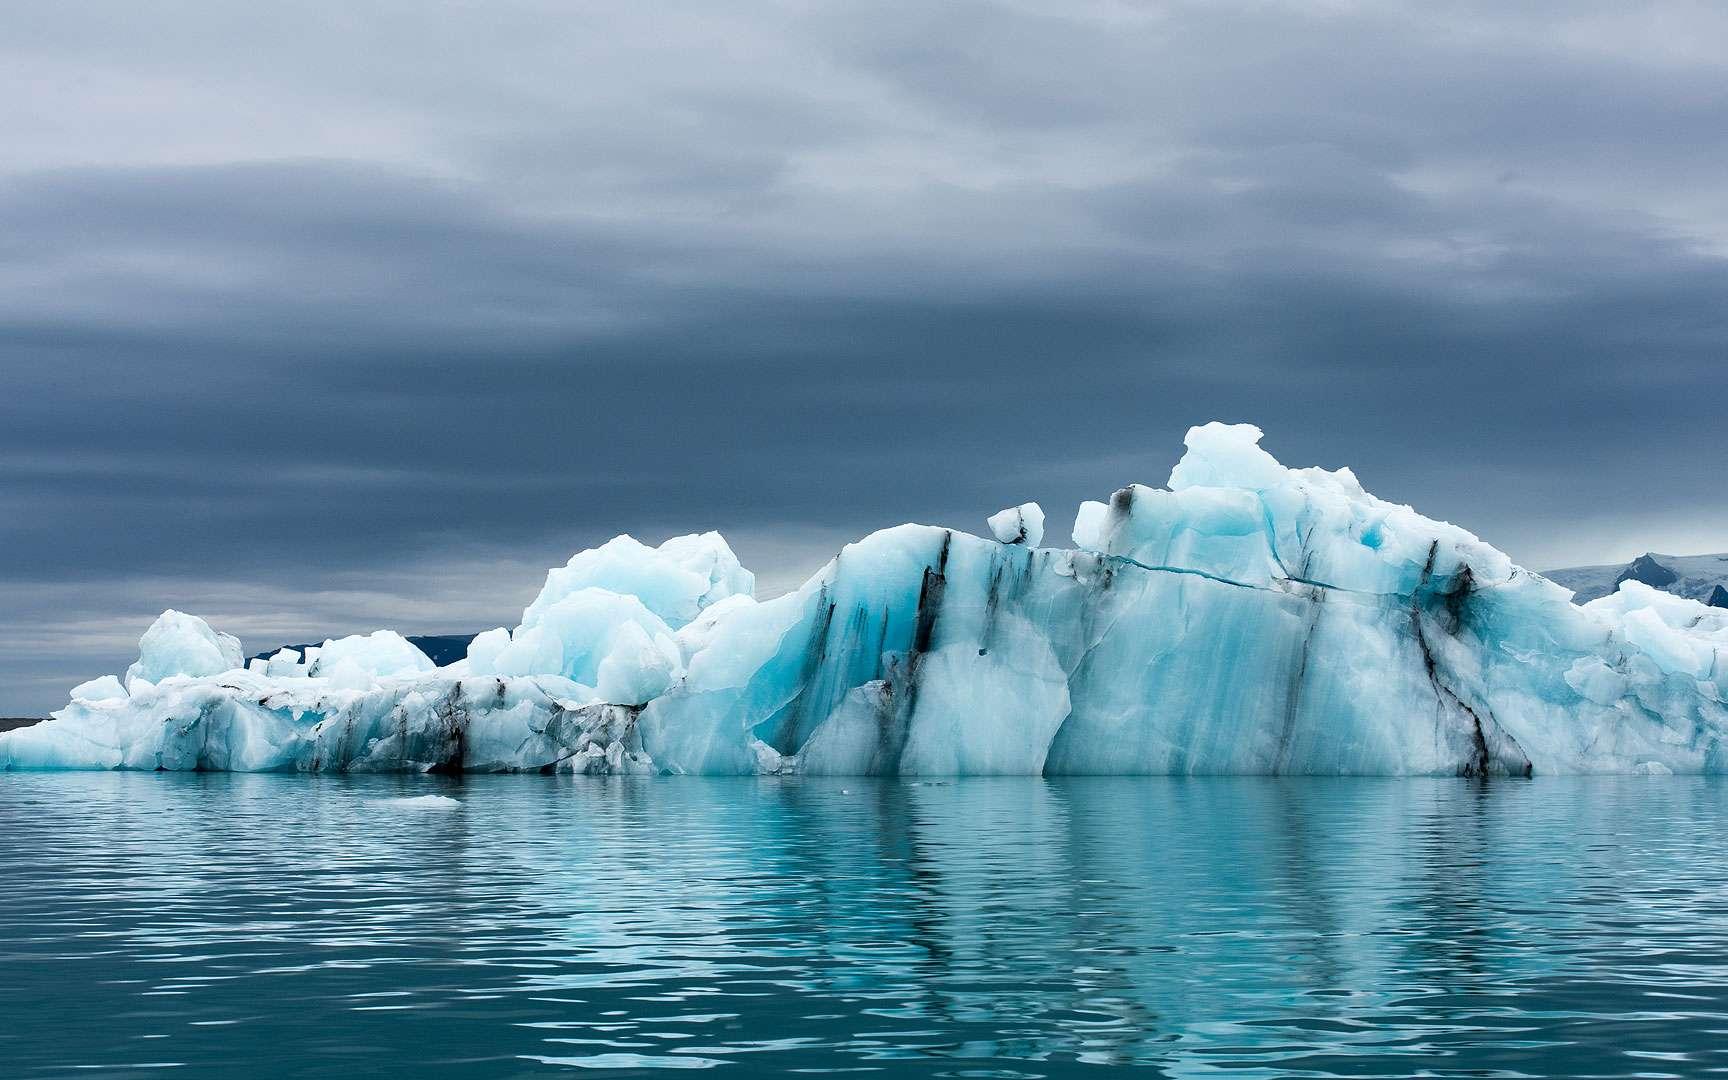 Le glacier du Khumbu (Himalaya, région de l'Everest) en décembre, avec ses grands pénitents de glace, qui, à l'origine, sont des séracs (blocs de glace) ayant subi une intense ablation. © IRD, Bernard Francou, Tous droits réservés, http://www.indigo.ird.fr/fr